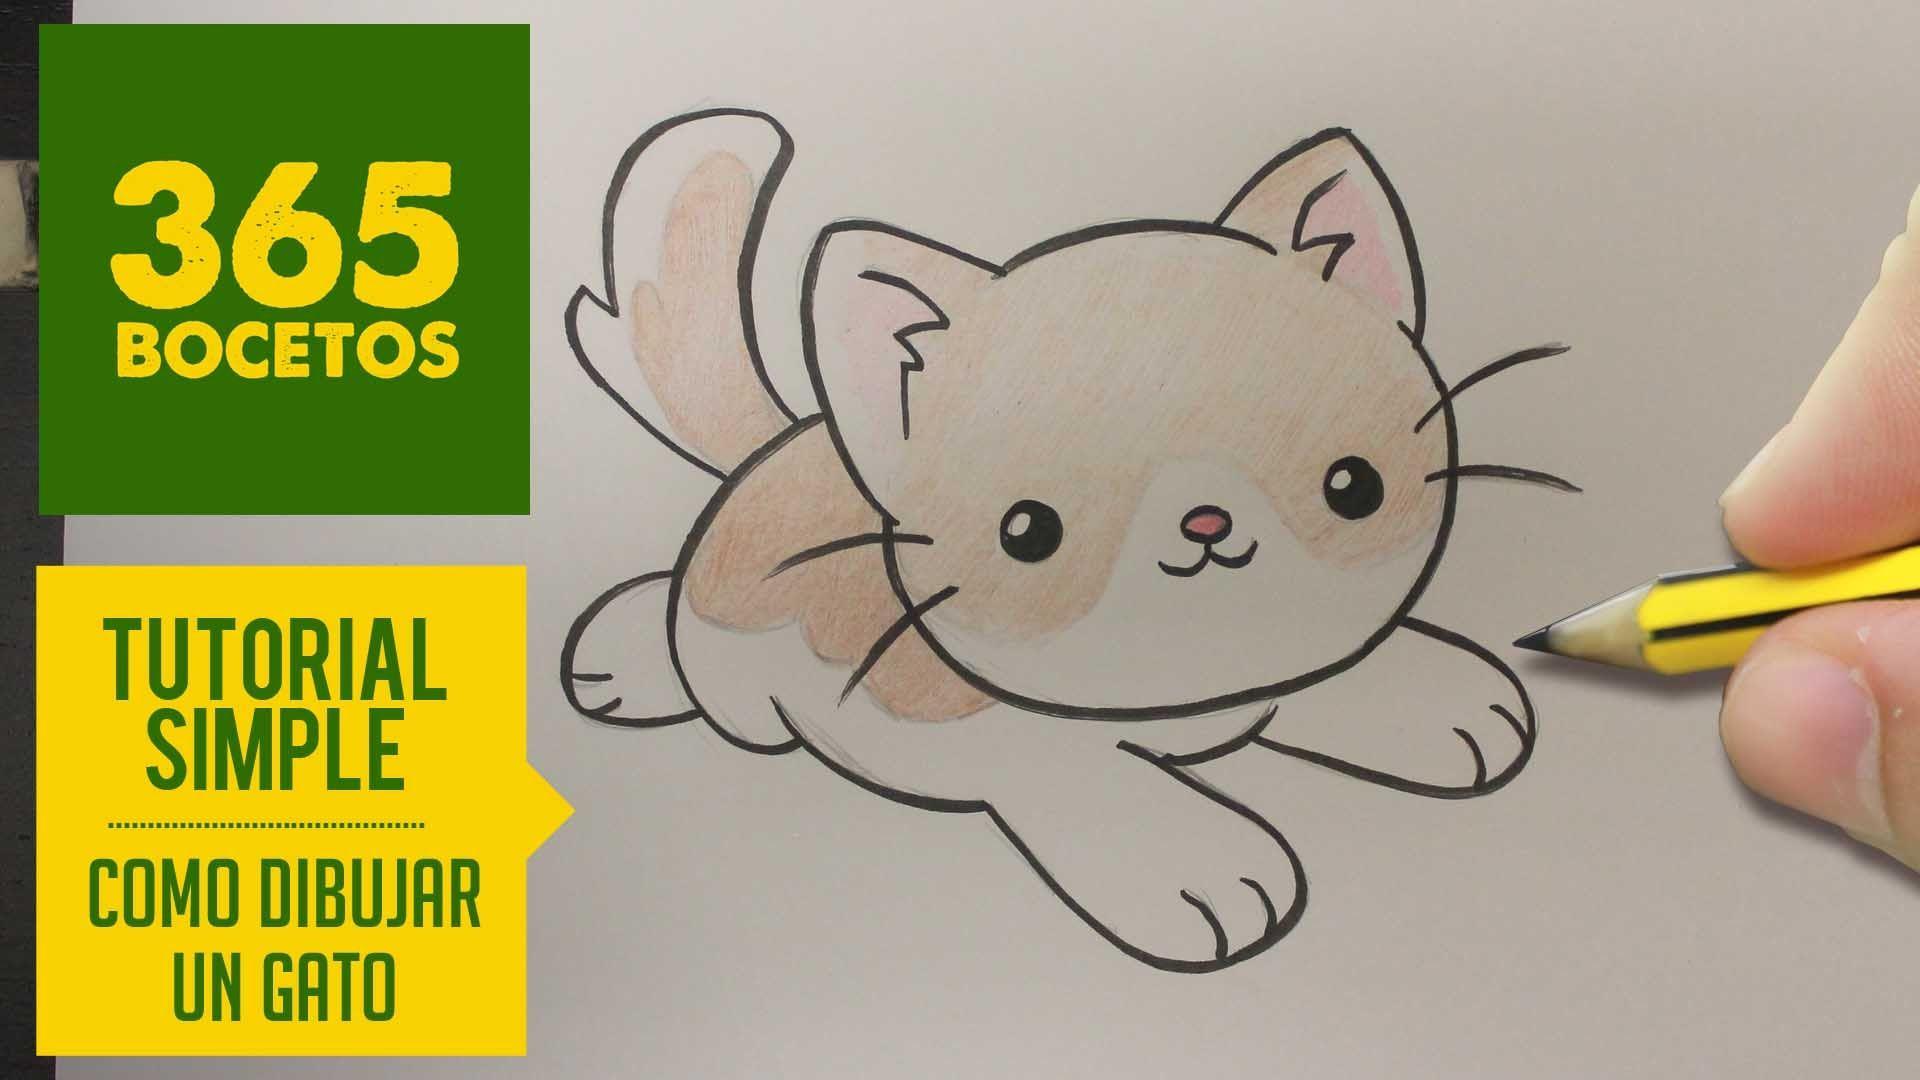 Como Dibujar Un Gato Kawaii Paso A Paso Dibujos Kawaii Faciles How T Como Dibujar Un Gato Dibujos Kawaii Dibujos Kawaii Faciles